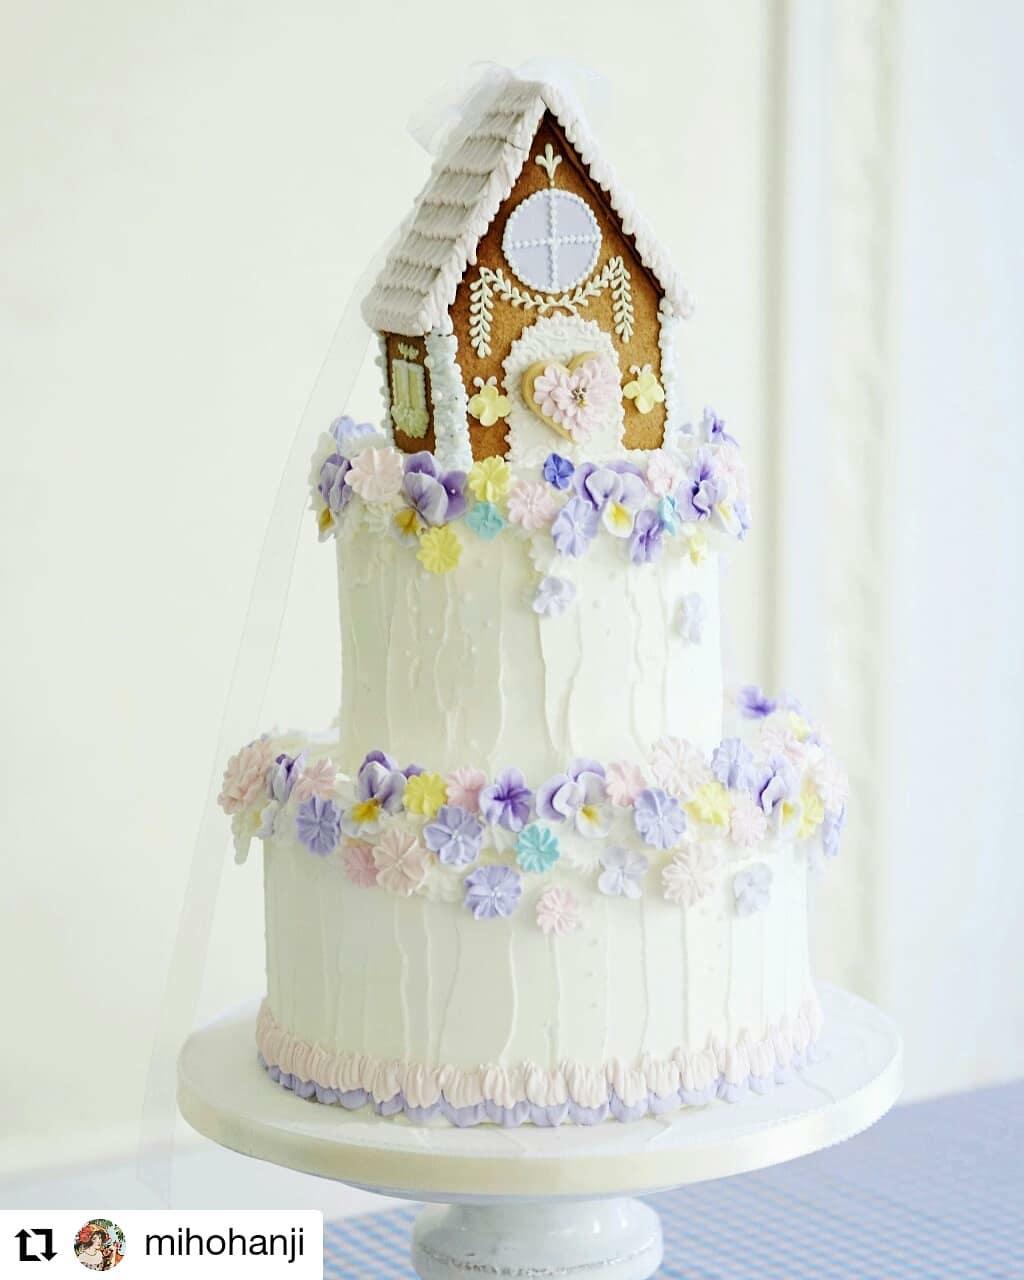 シュガーケーキのお家。撮影よ用に作って頂きました。#Repost @mihohanji• • • • • •スイーツっていうテーマで。とにかくパステルトーンのお菓子っぽいことをひたすら作り込んだ。#スイーツ#ウエディングケーキ#シュガーケーキ#お菓子のお家#wedding#判治ミホ#スタイリング#スタイリスト#ウエディング#会場装飾